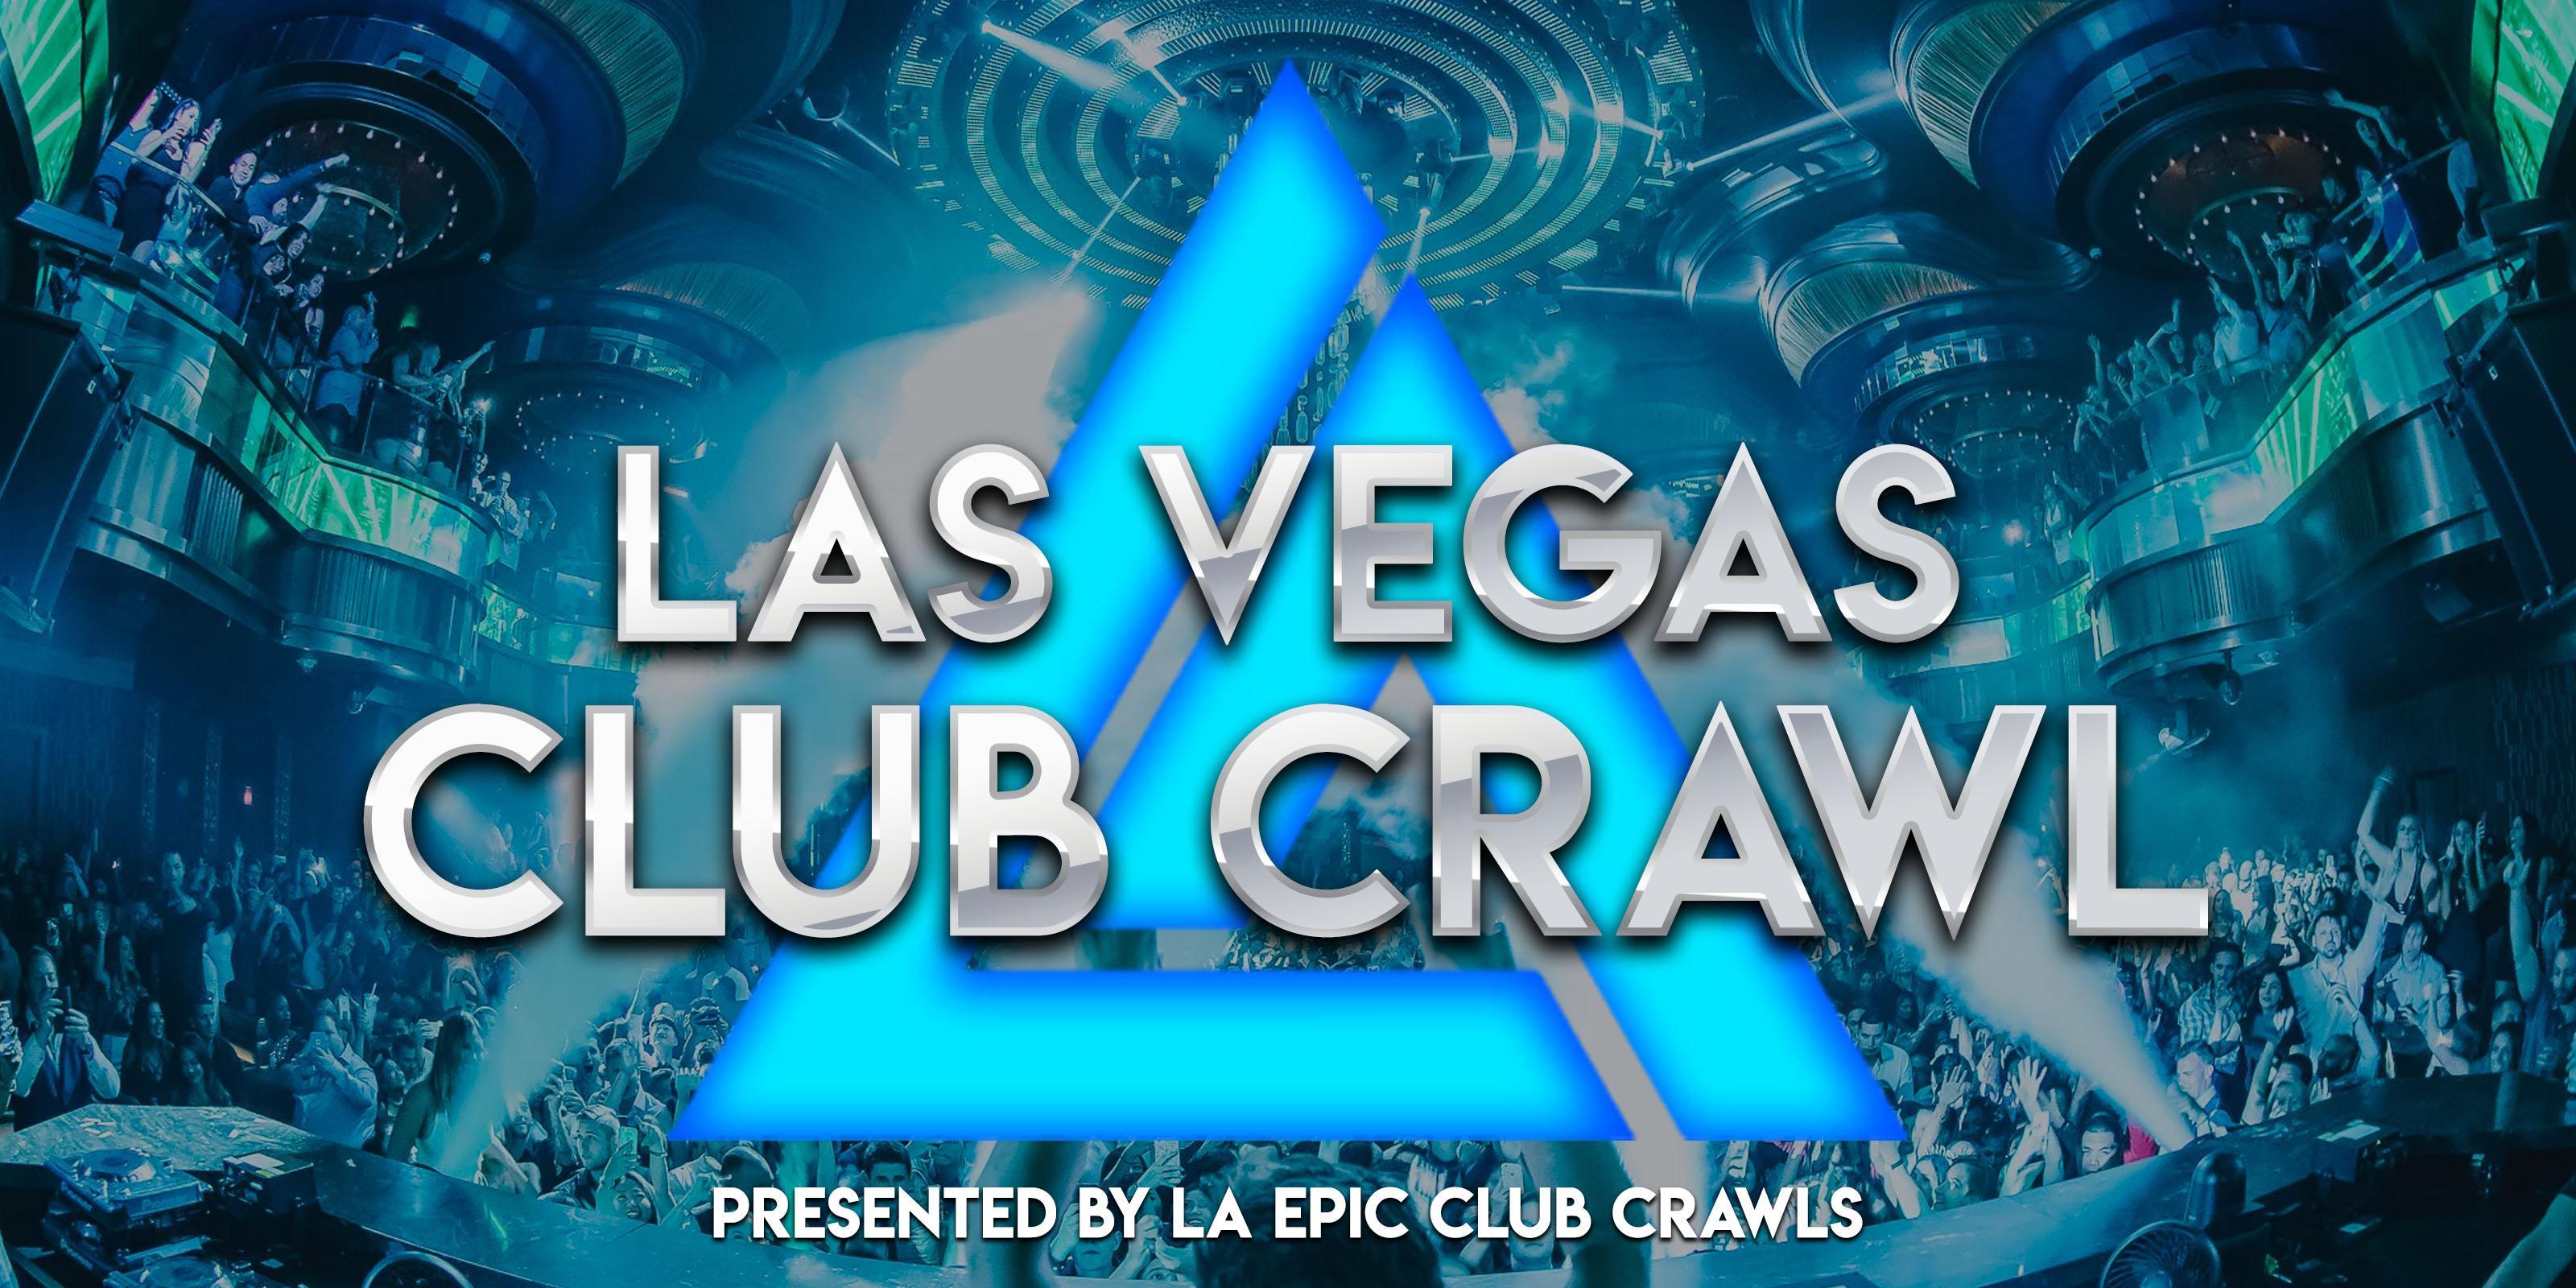 Las Vegas Club Crawl